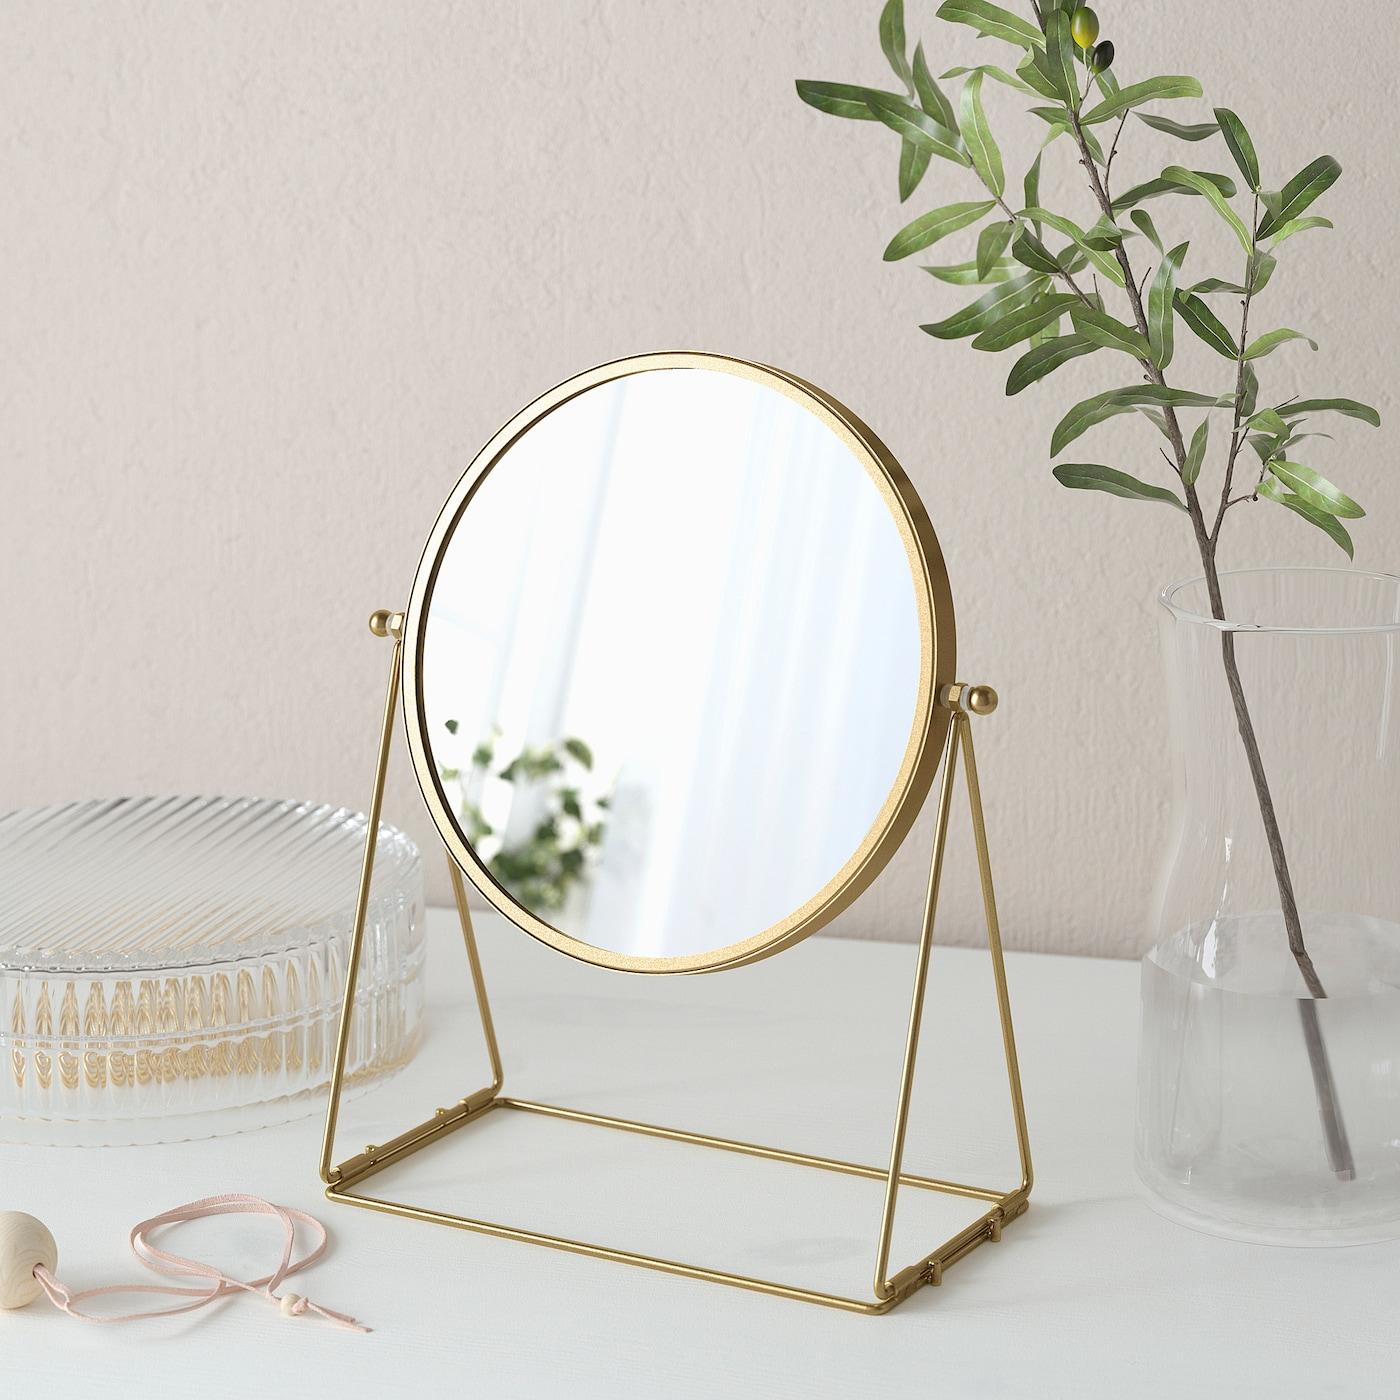 LASSBYN Espejo de mesa dorado IKEA